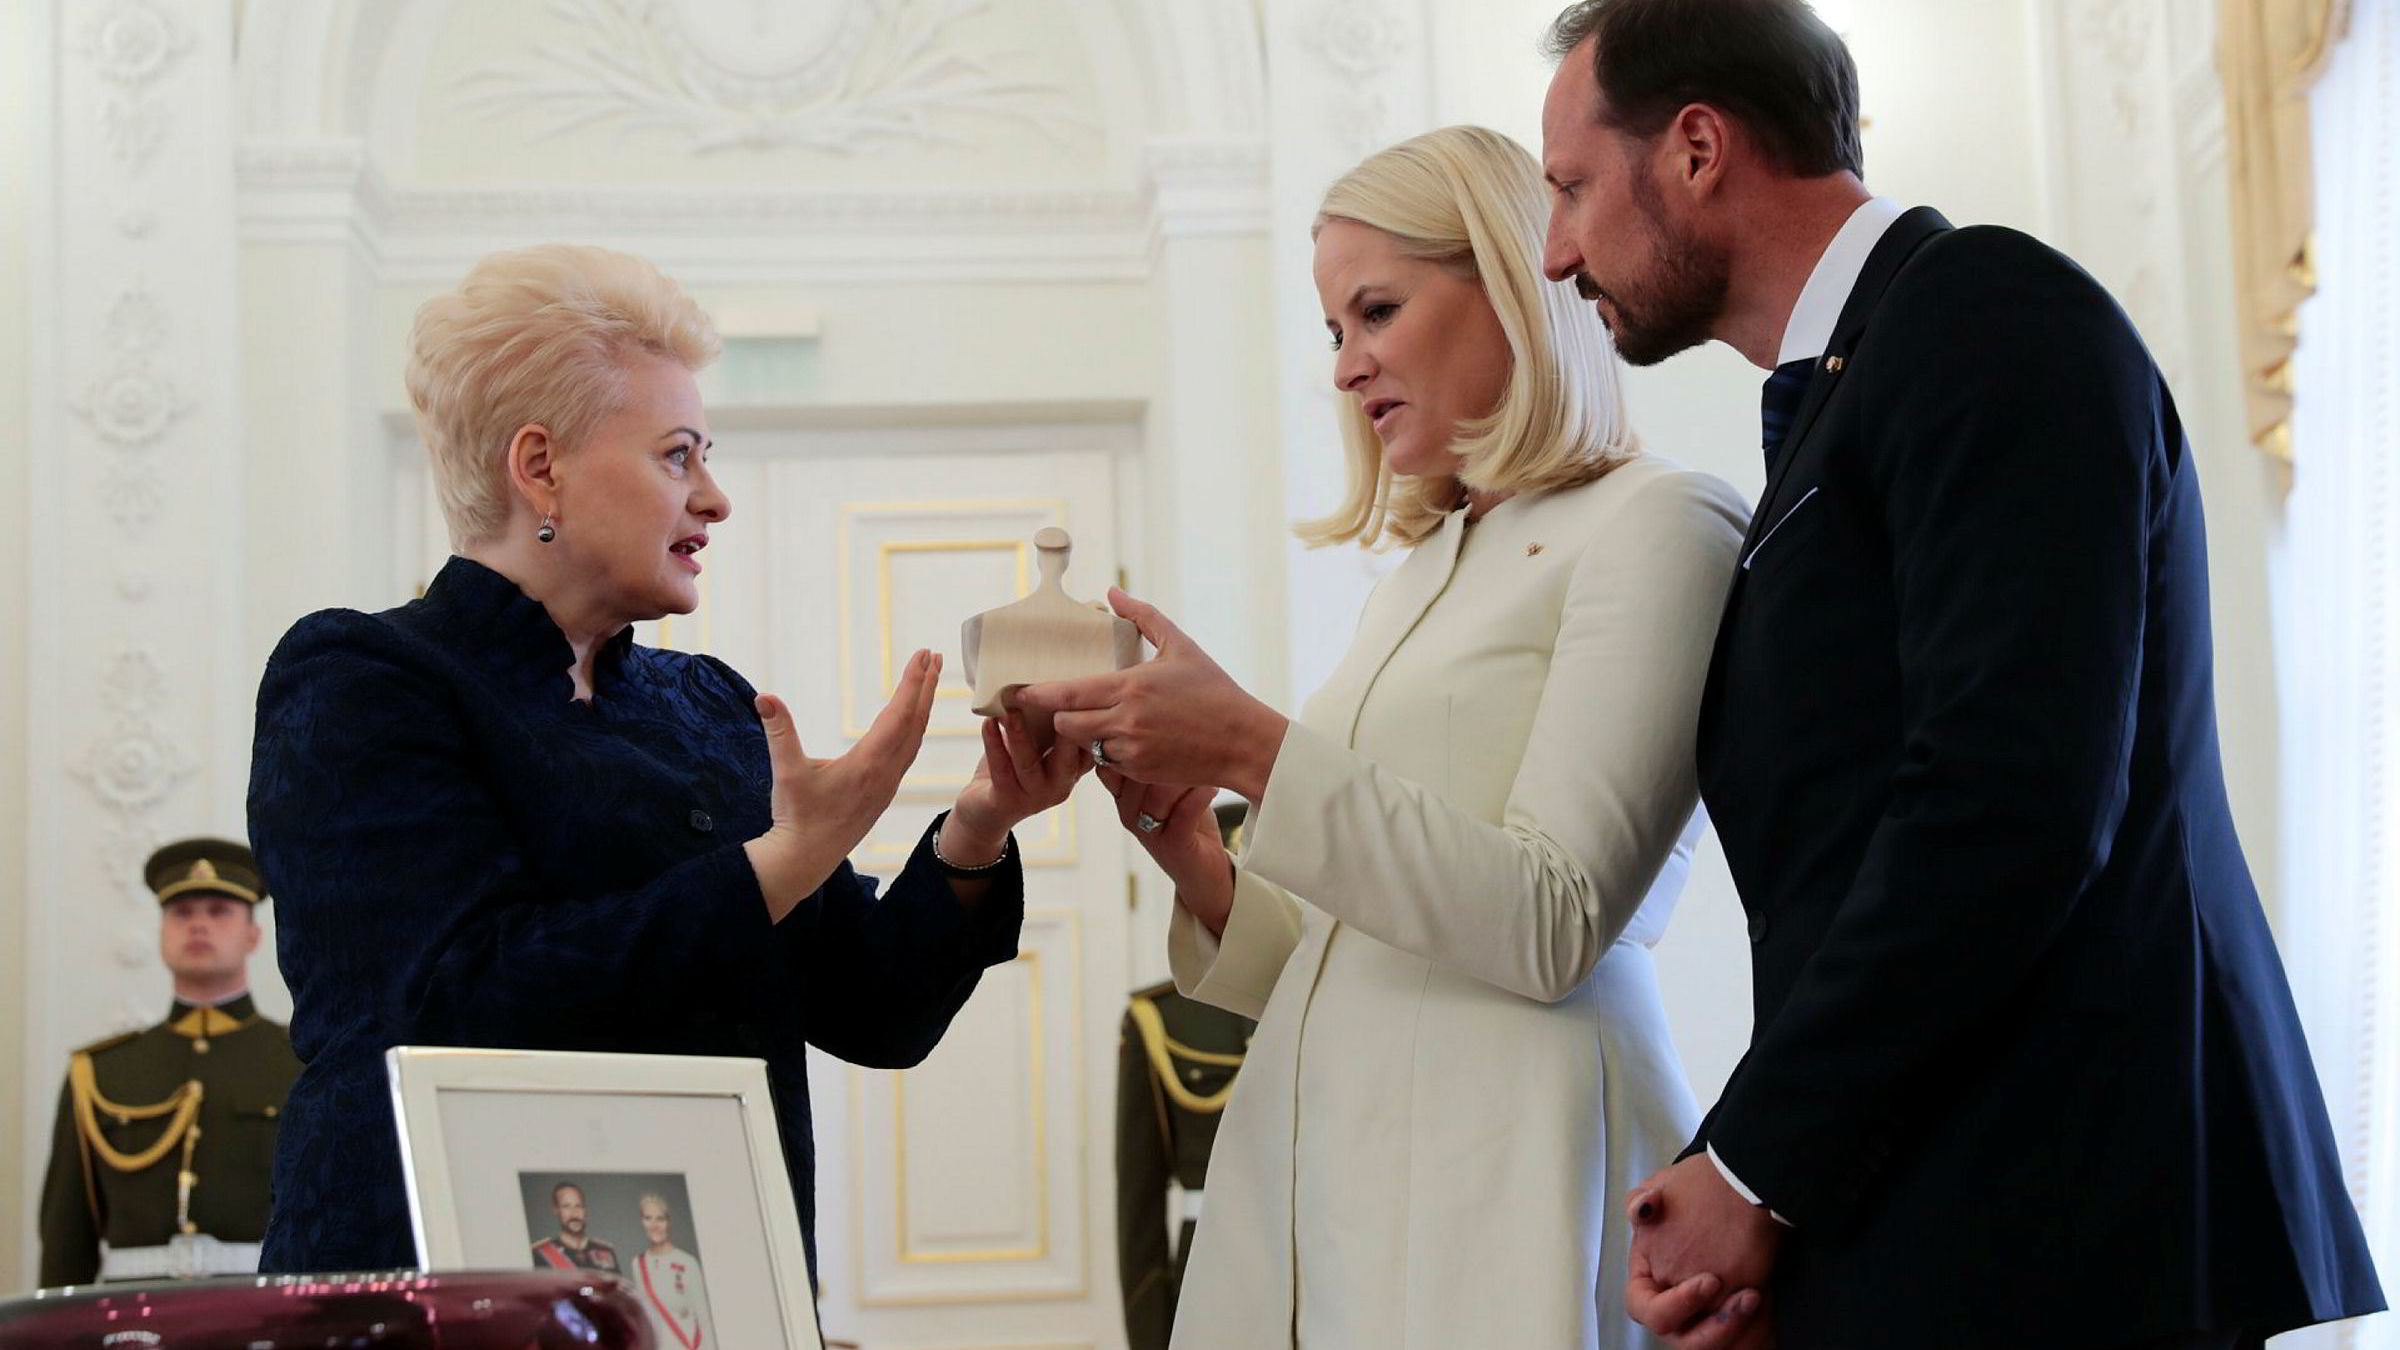 Kronprins Haakon og kronprinsesse Mette-Marit møter president Dalia Grybauskaite i presidentpalasset i Vilnius.